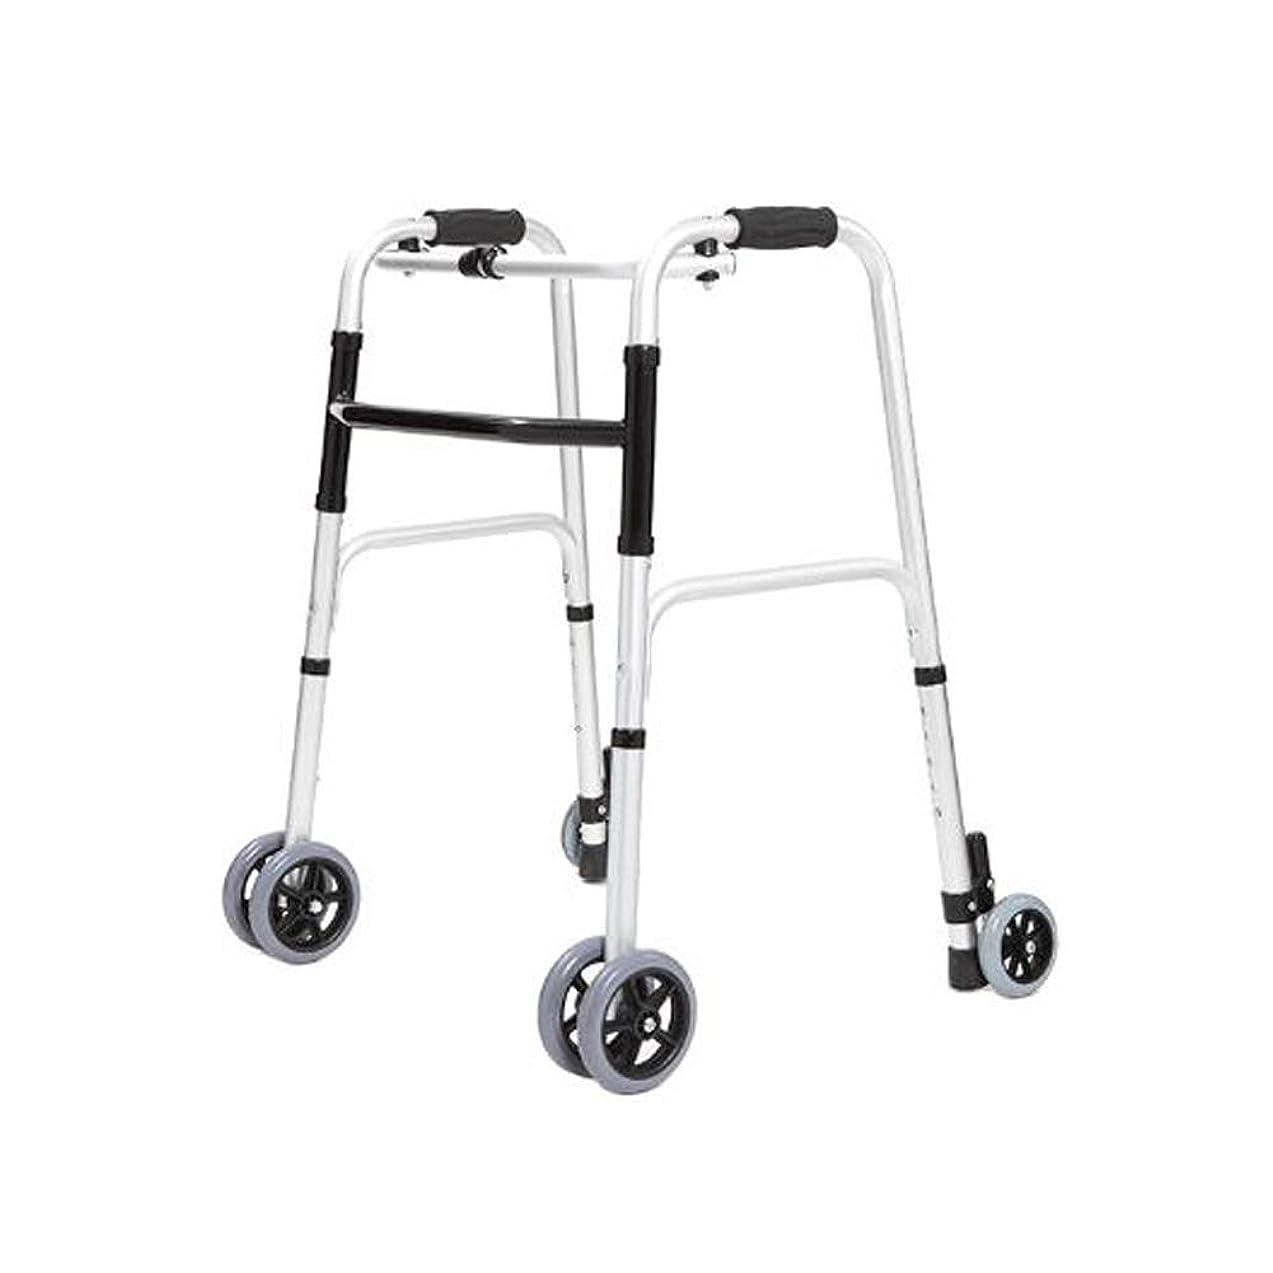 それる電話をかけるリラックスした[ラオンアチ] 大人のための歩行器 折りたたみ 車輪型歩行器 6輪歩行車 5段の高さ調節可能 [日本語説明書付き] [海外直送品]